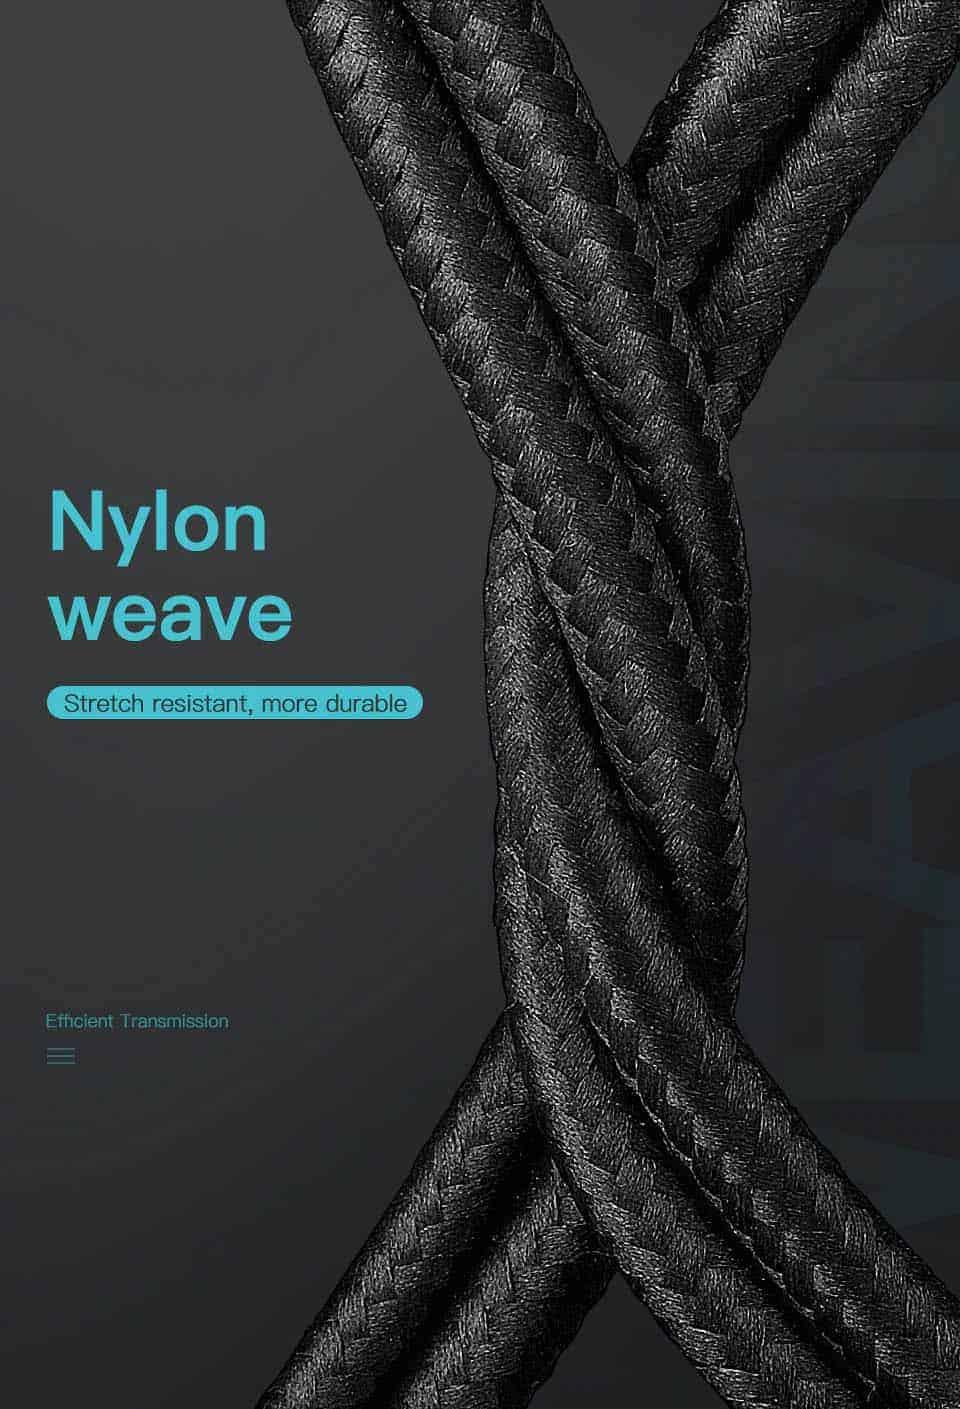 KUULAA USB Type C Cable 3A Nylon